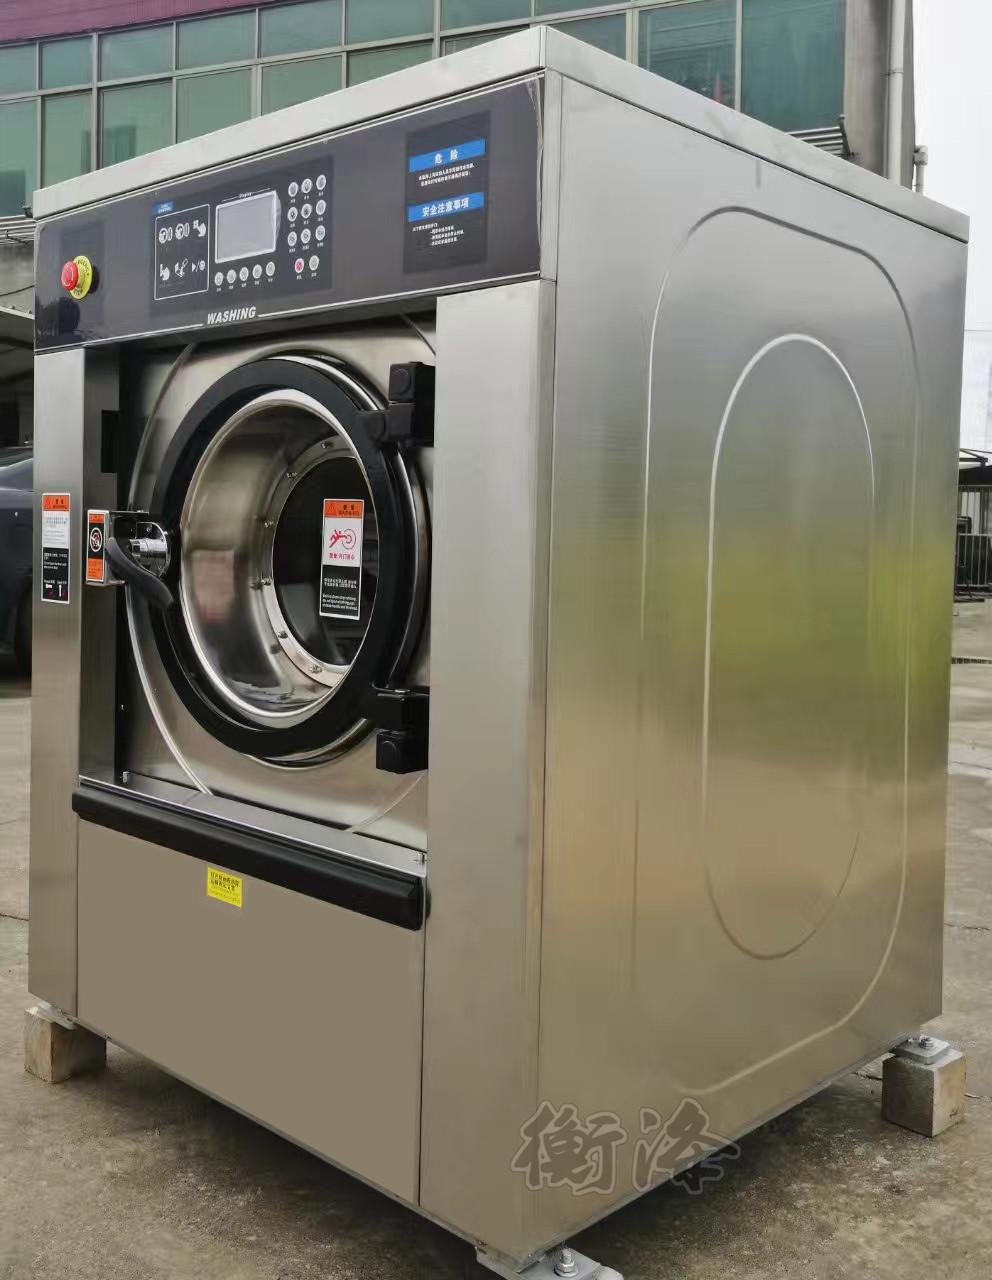 供应 干洗店洗衣房床单布草洗涤设备 15kg全自动洗脱机-- 上海衡涤洗涤设备有限公司